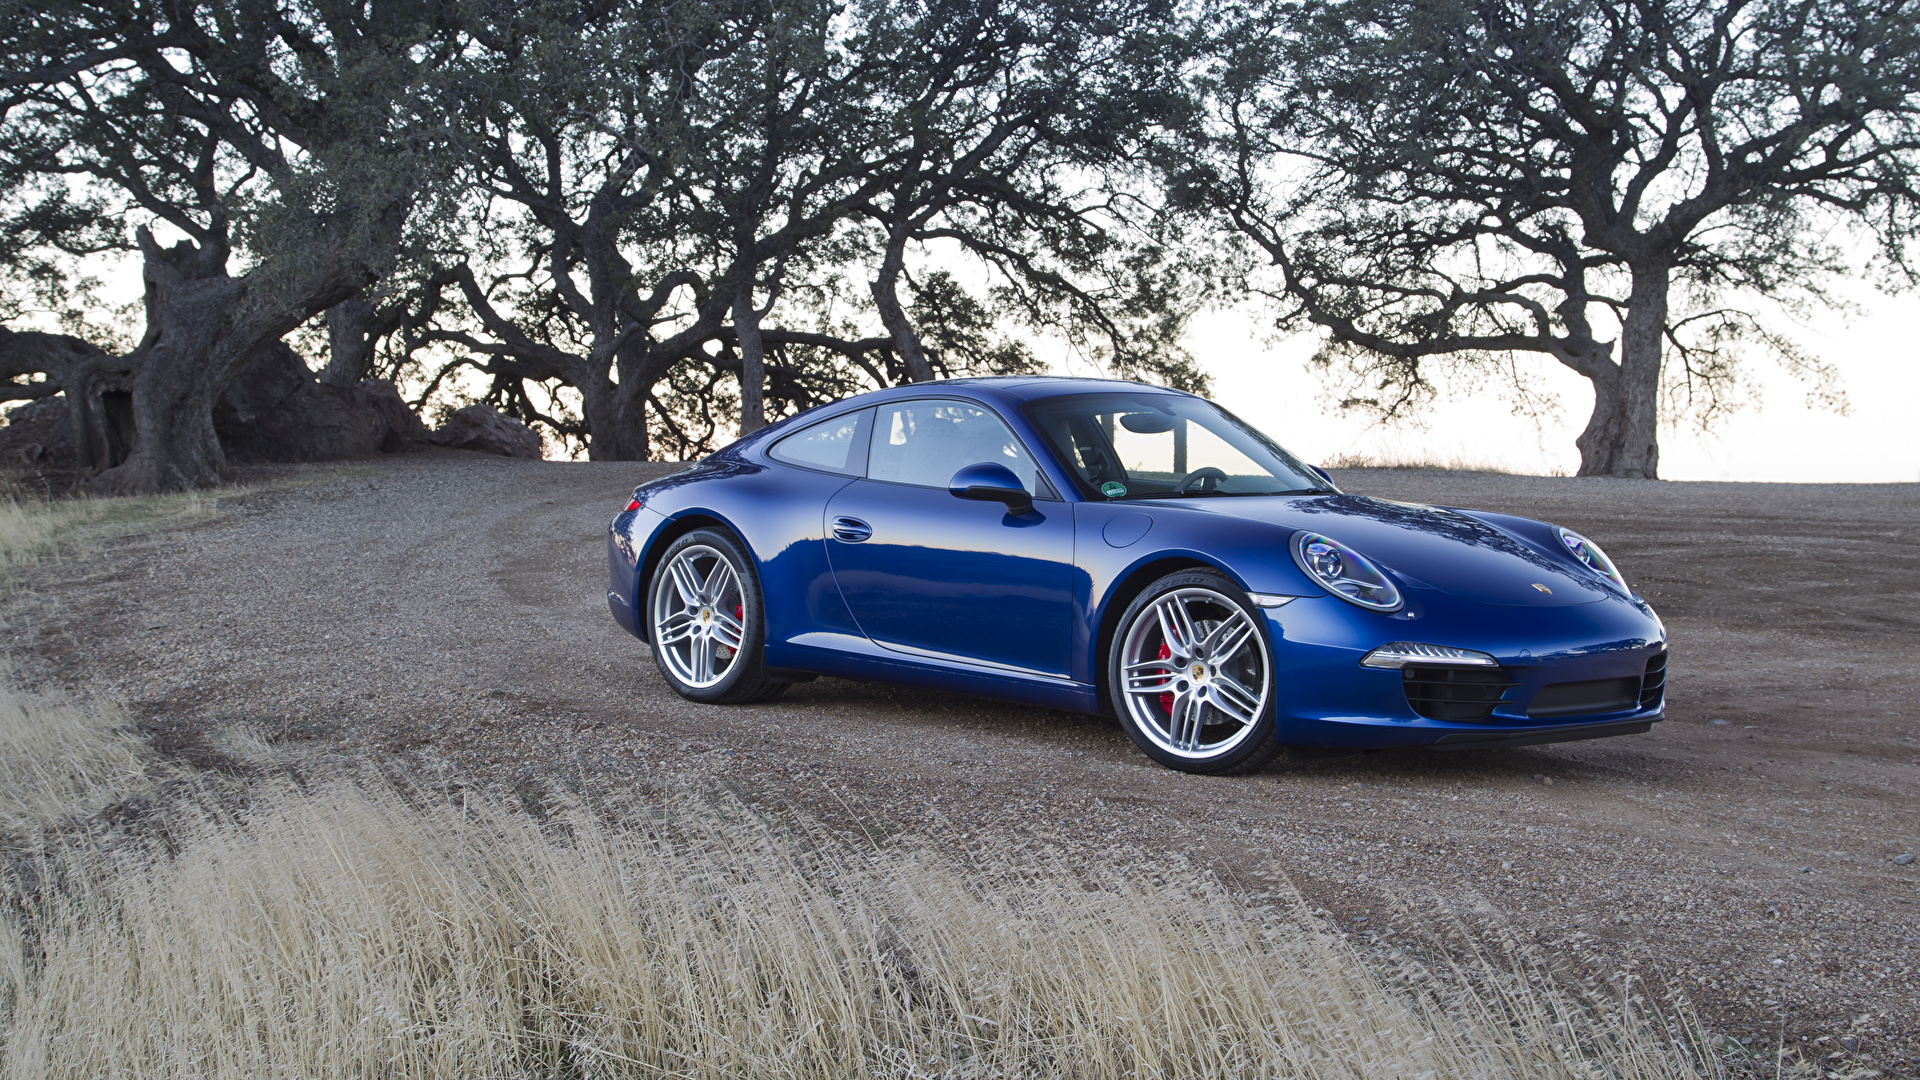 Обои для рабочего стола Порше 2011 911 Carrera S синих авто Металлик 1920x1080 Porsche Синий синие синяя машина машины автомобиль Автомобили